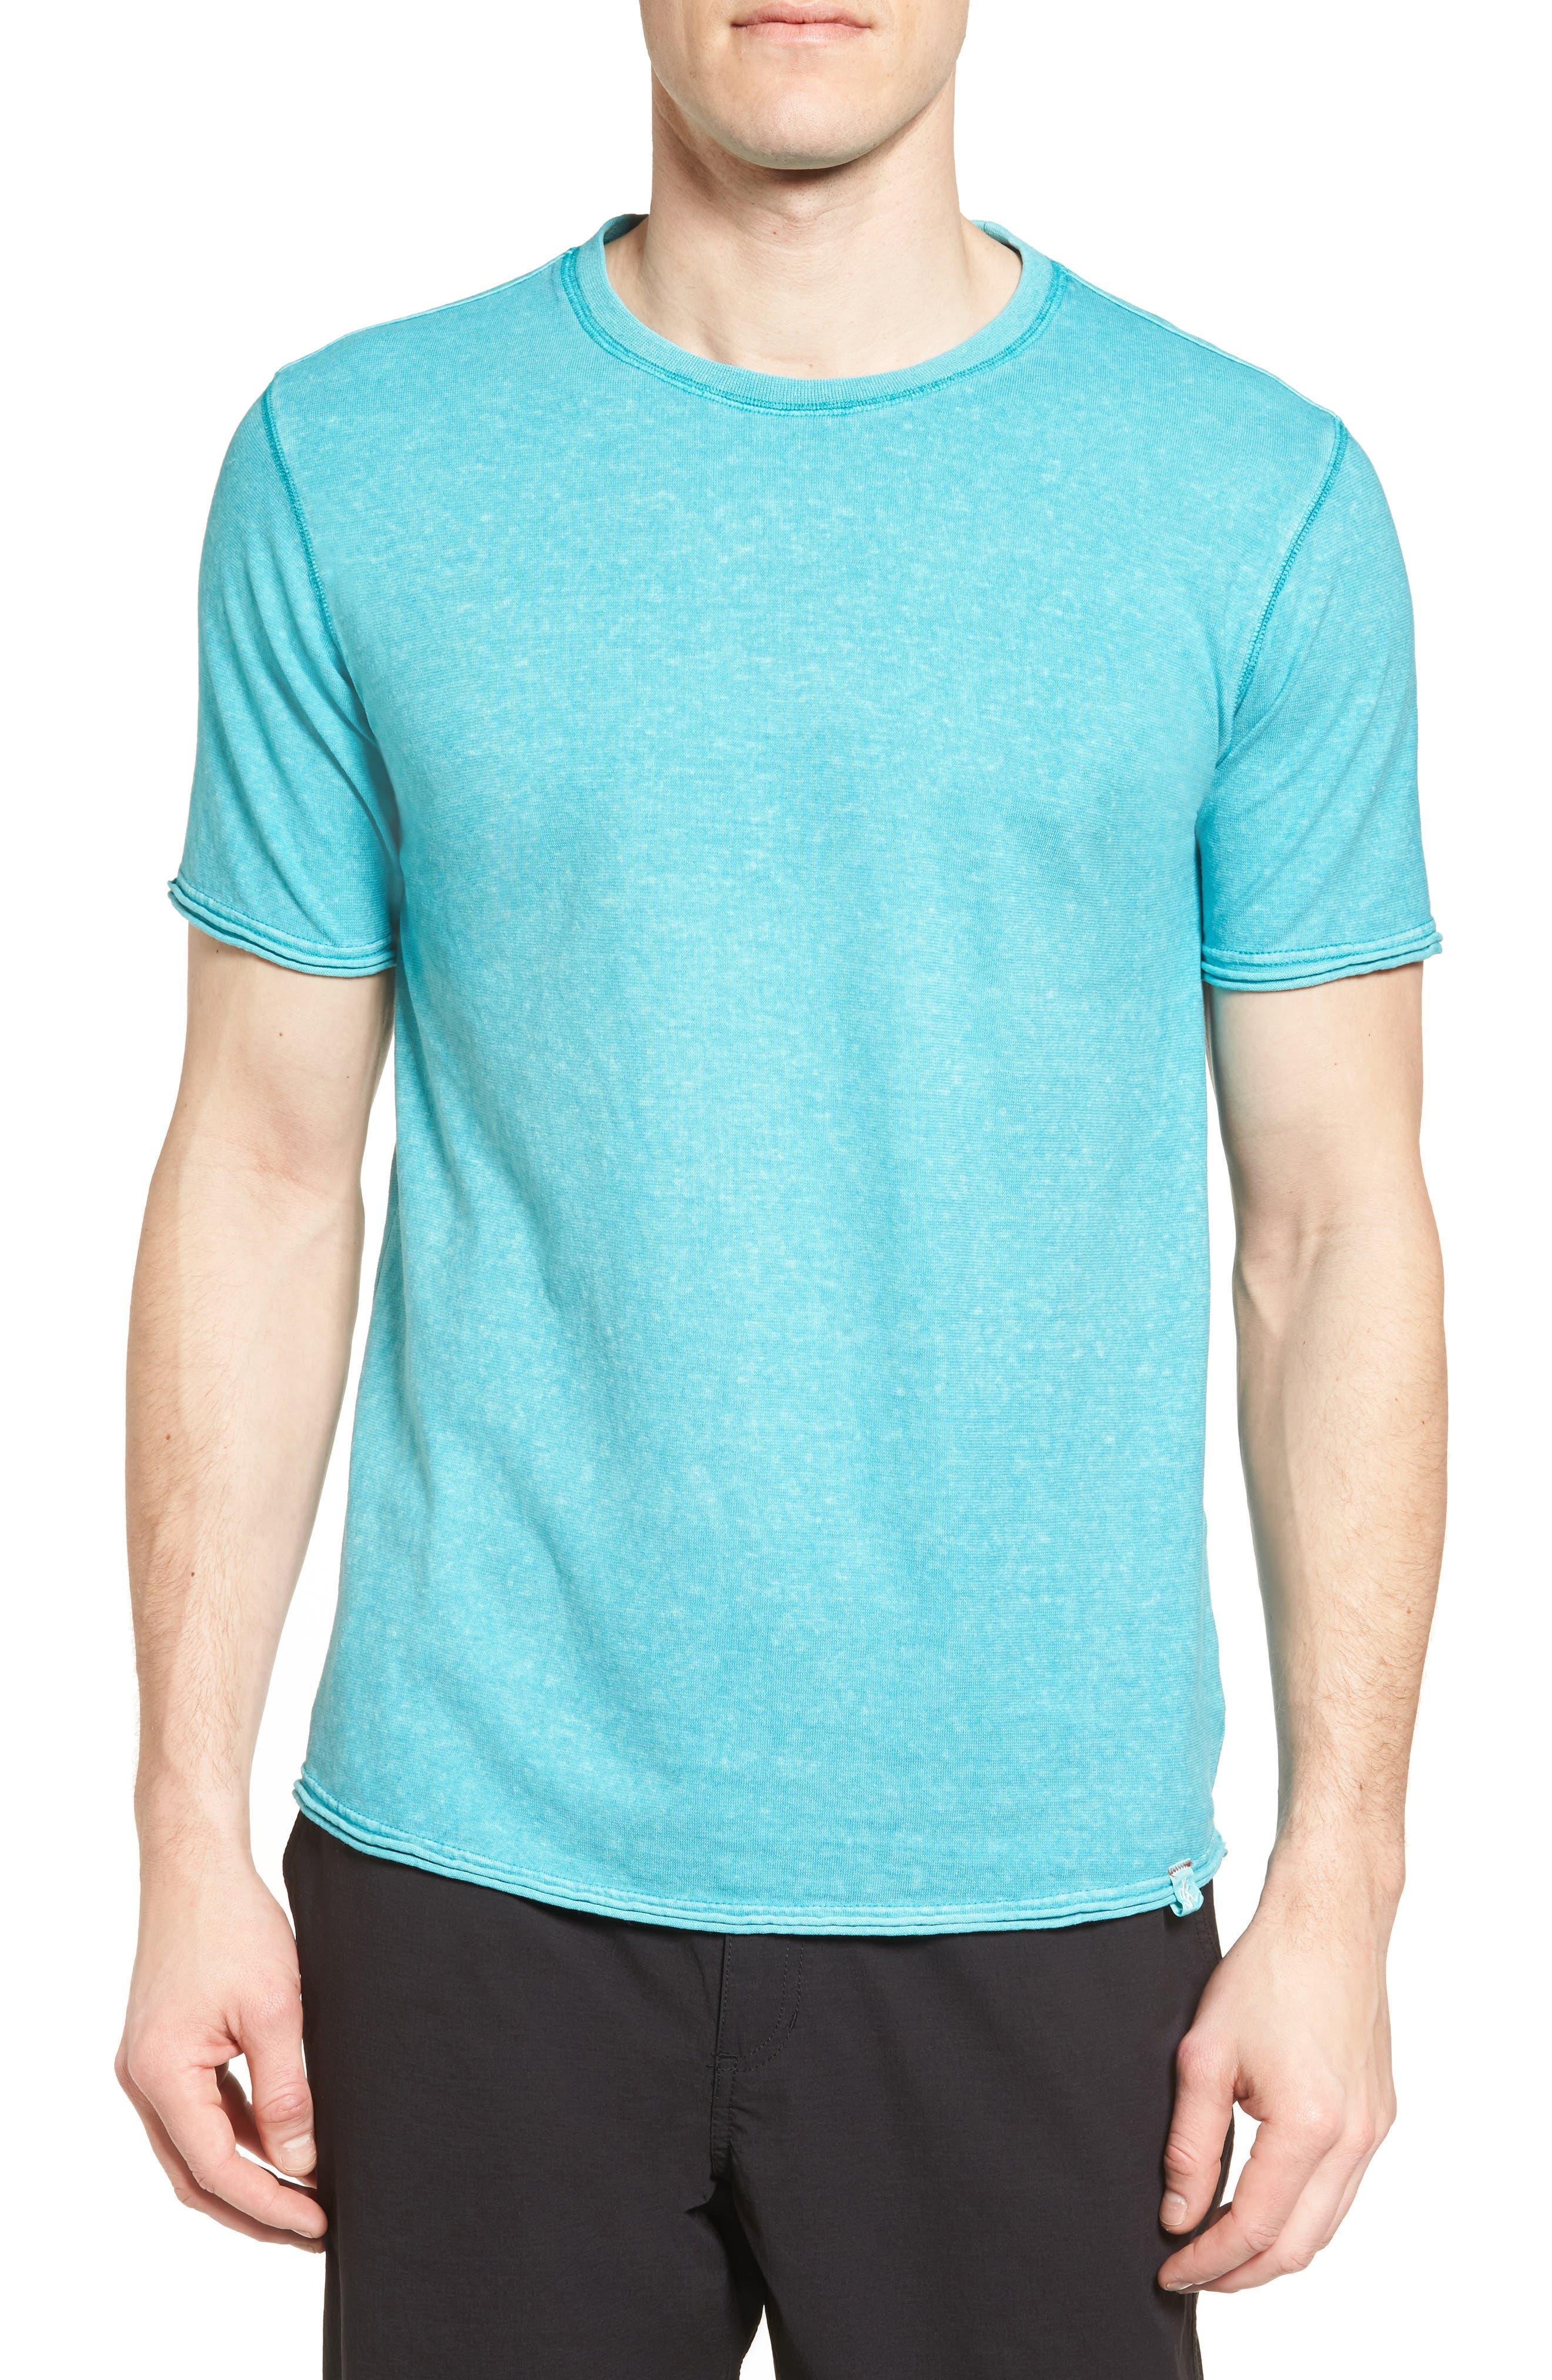 Camura T-Shirt,                         Main,                         color, Fiji Blue